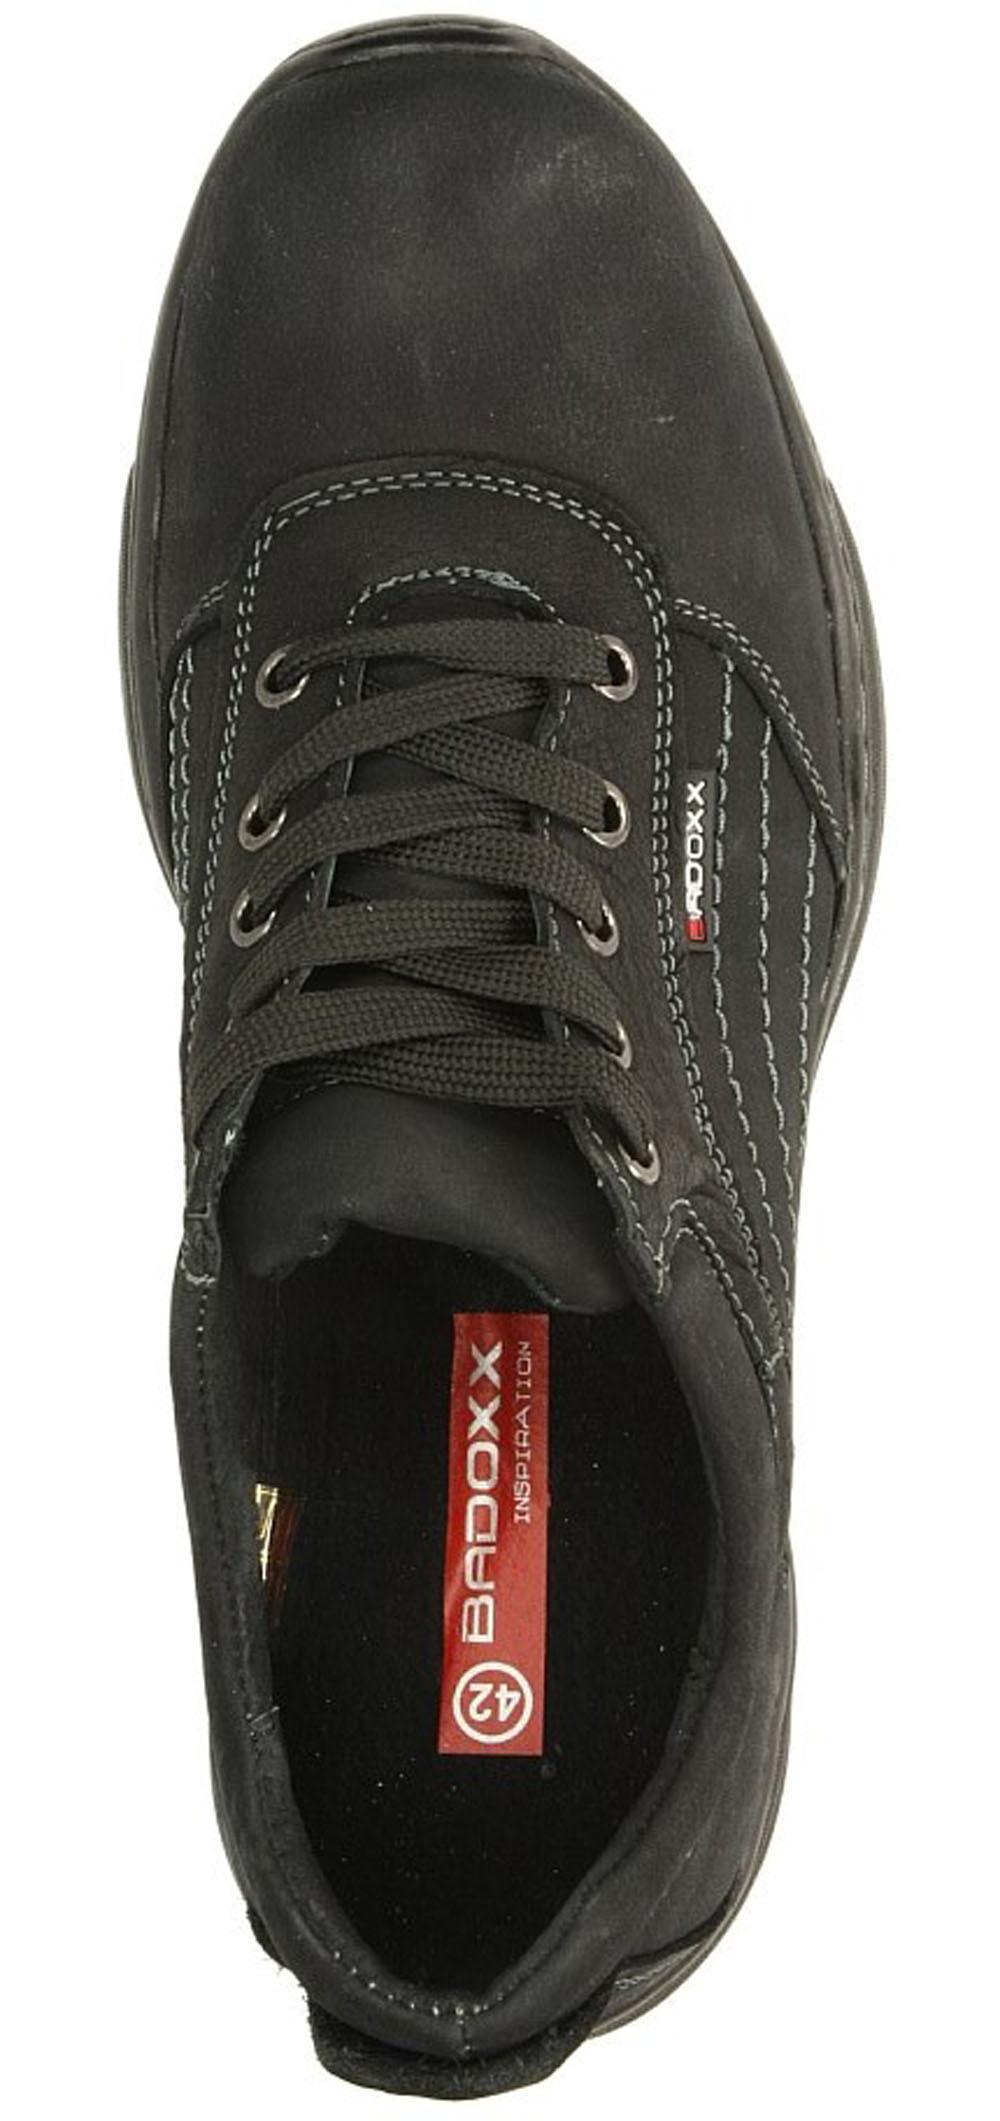 Czarne półbuty skórzane sznurowane Casu MXC6143-L wys_calkowita_buta 11 cm